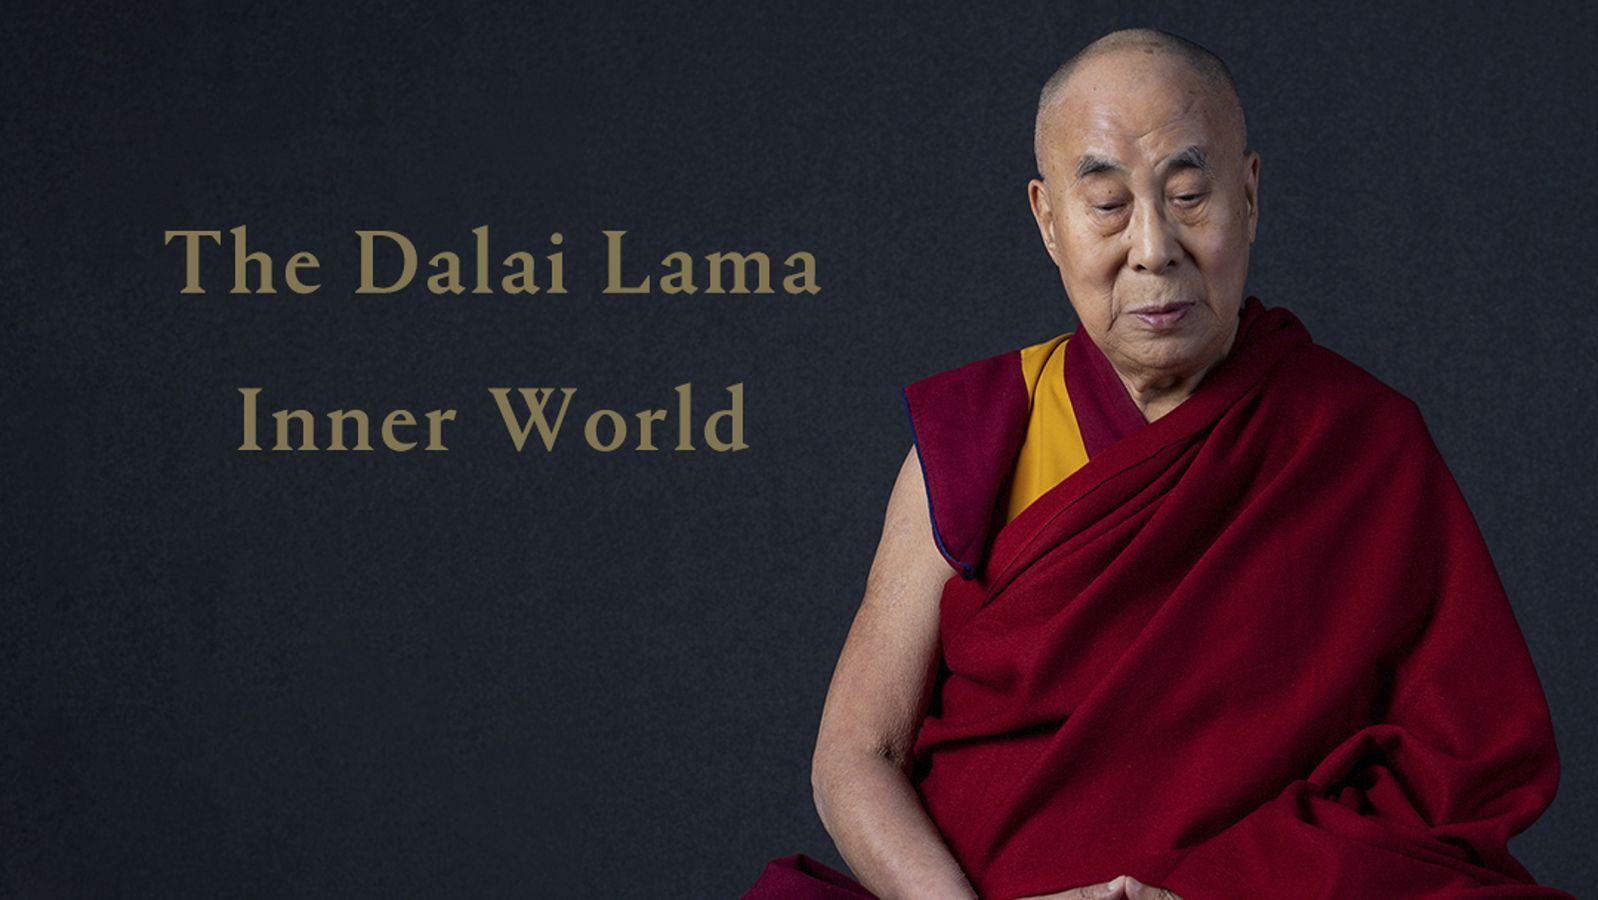 Dalai Lama Veroffentlicht Zum 85 Geburtstag Musikalbum Br24